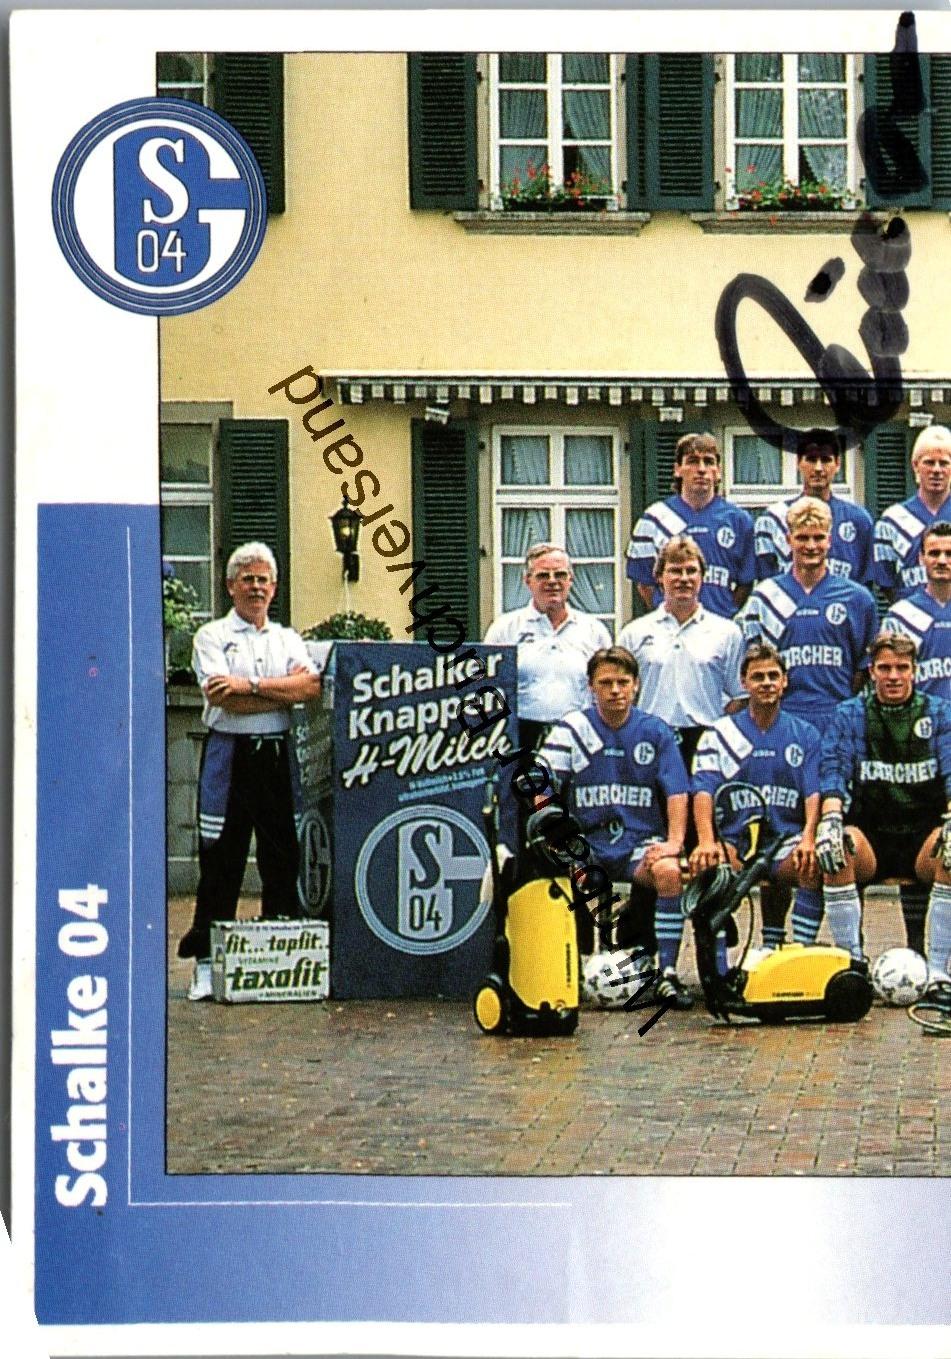 Original Autogramm Schalke 04 1996 Fussball /// Autograph signiert signed signee